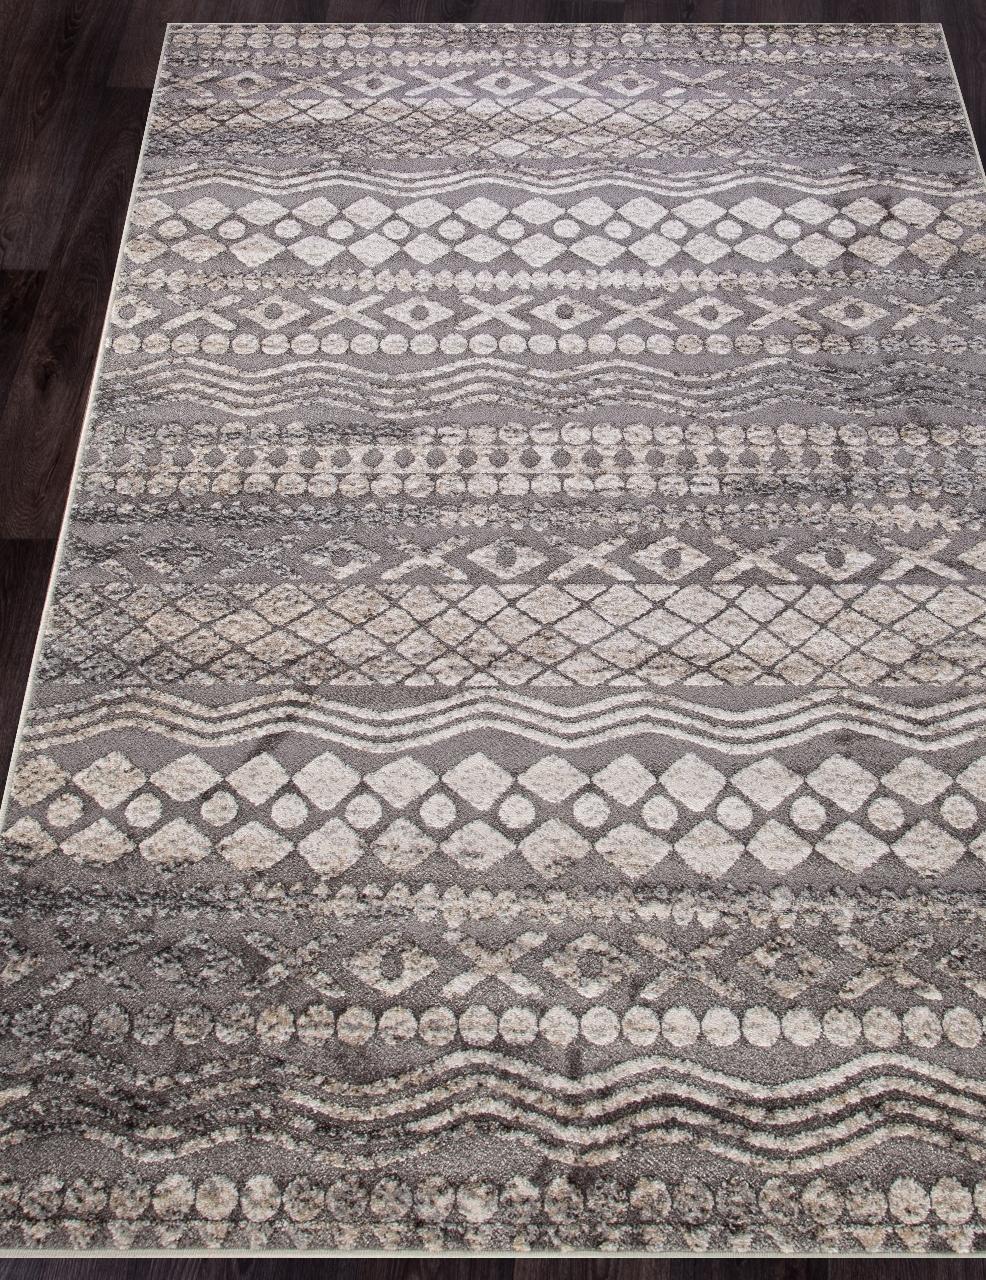 Ковер 4942 - BEIGE-GRAY - Прямоугольник - коллекция IBIZA